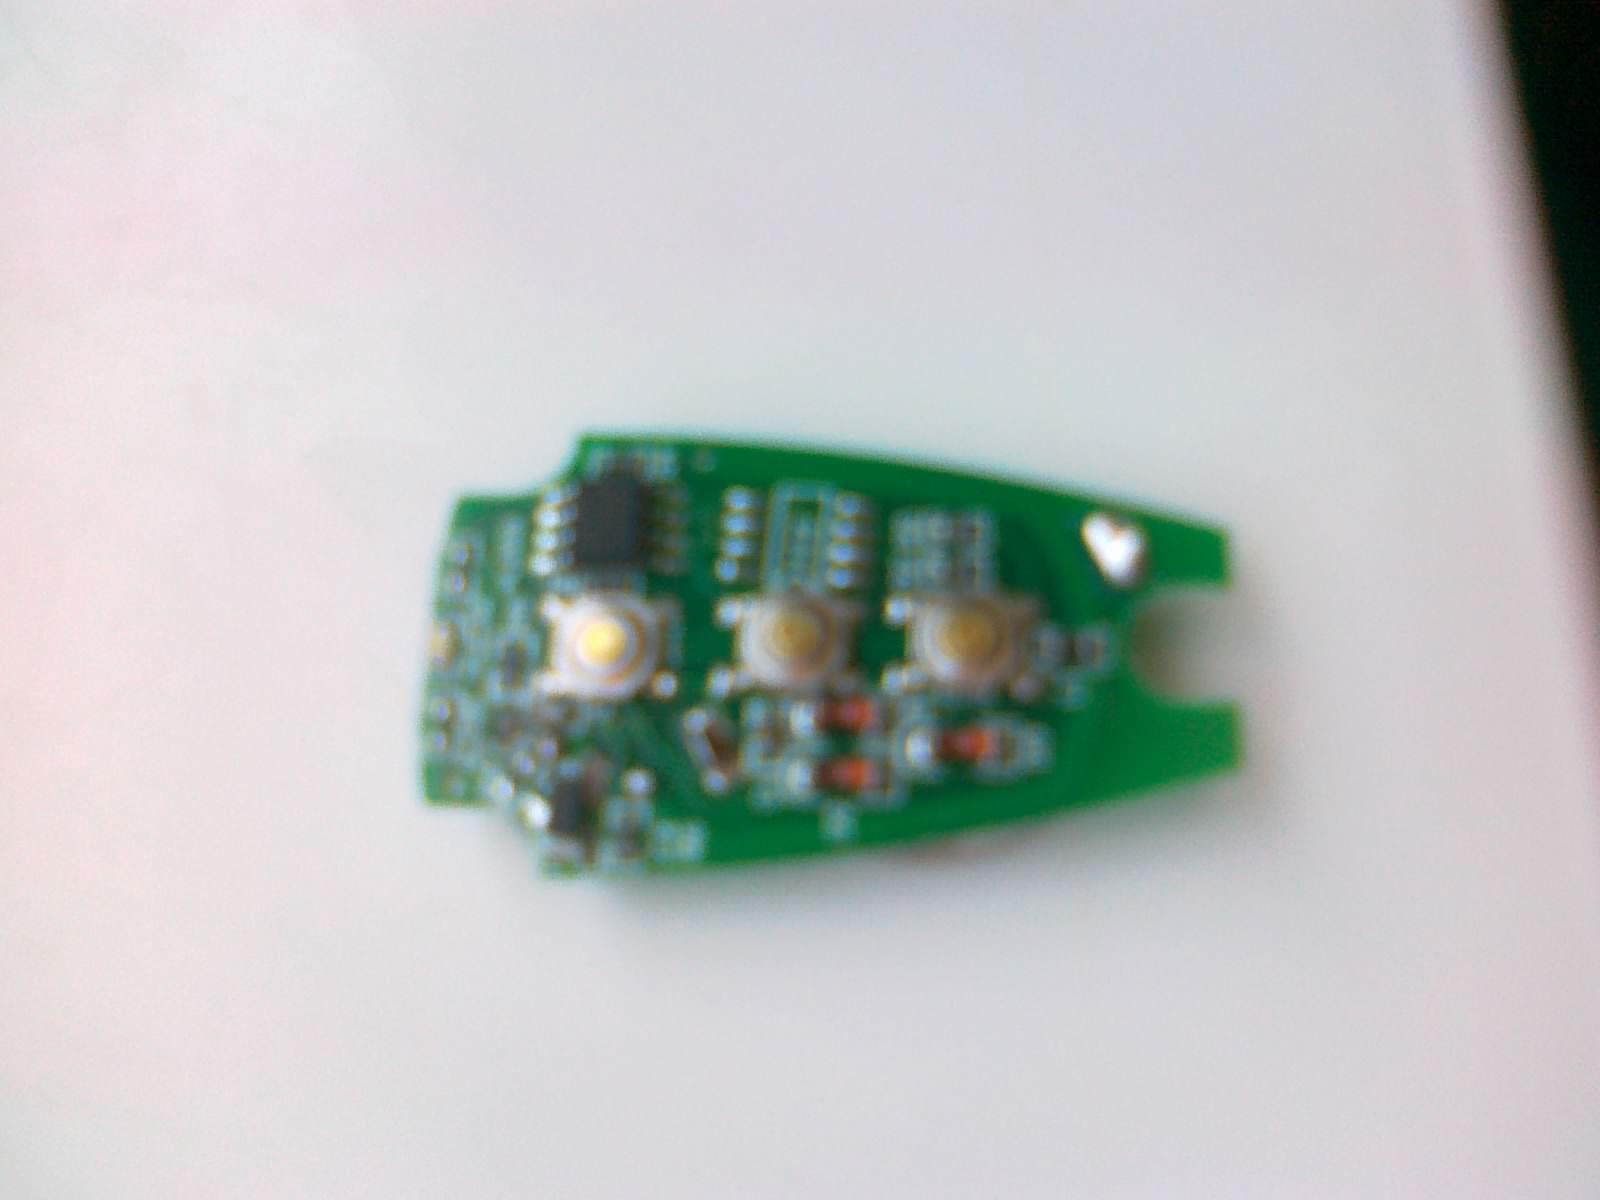 pomys� na przeniesienie elektroniki z pilota do�o�onego do scyzoryka